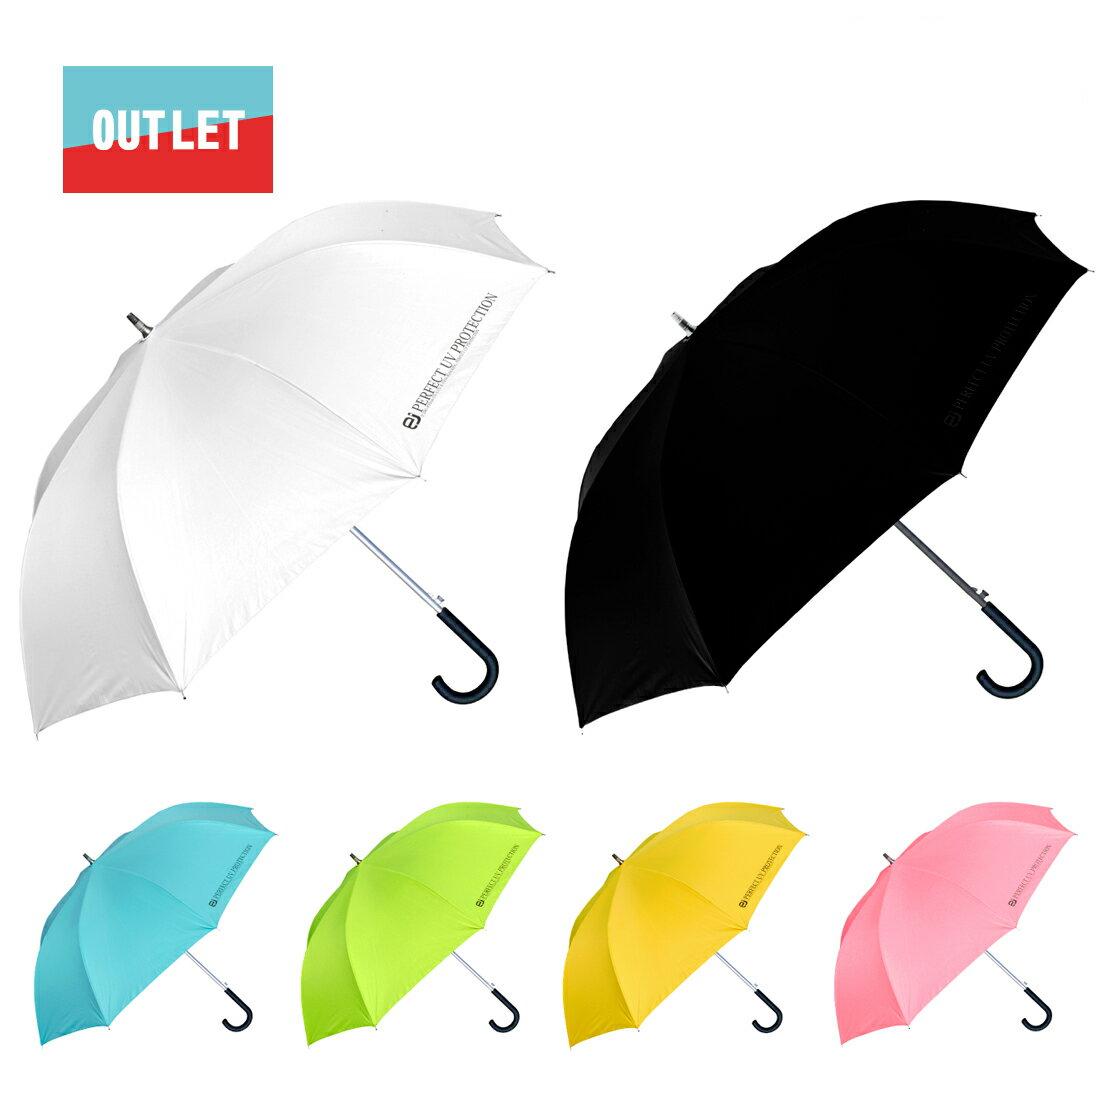 アウトレットCランク フックタイプ日傘 100% UVカット 完全遮光 晴雨兼用 120cmワイド 宅配便送料無料